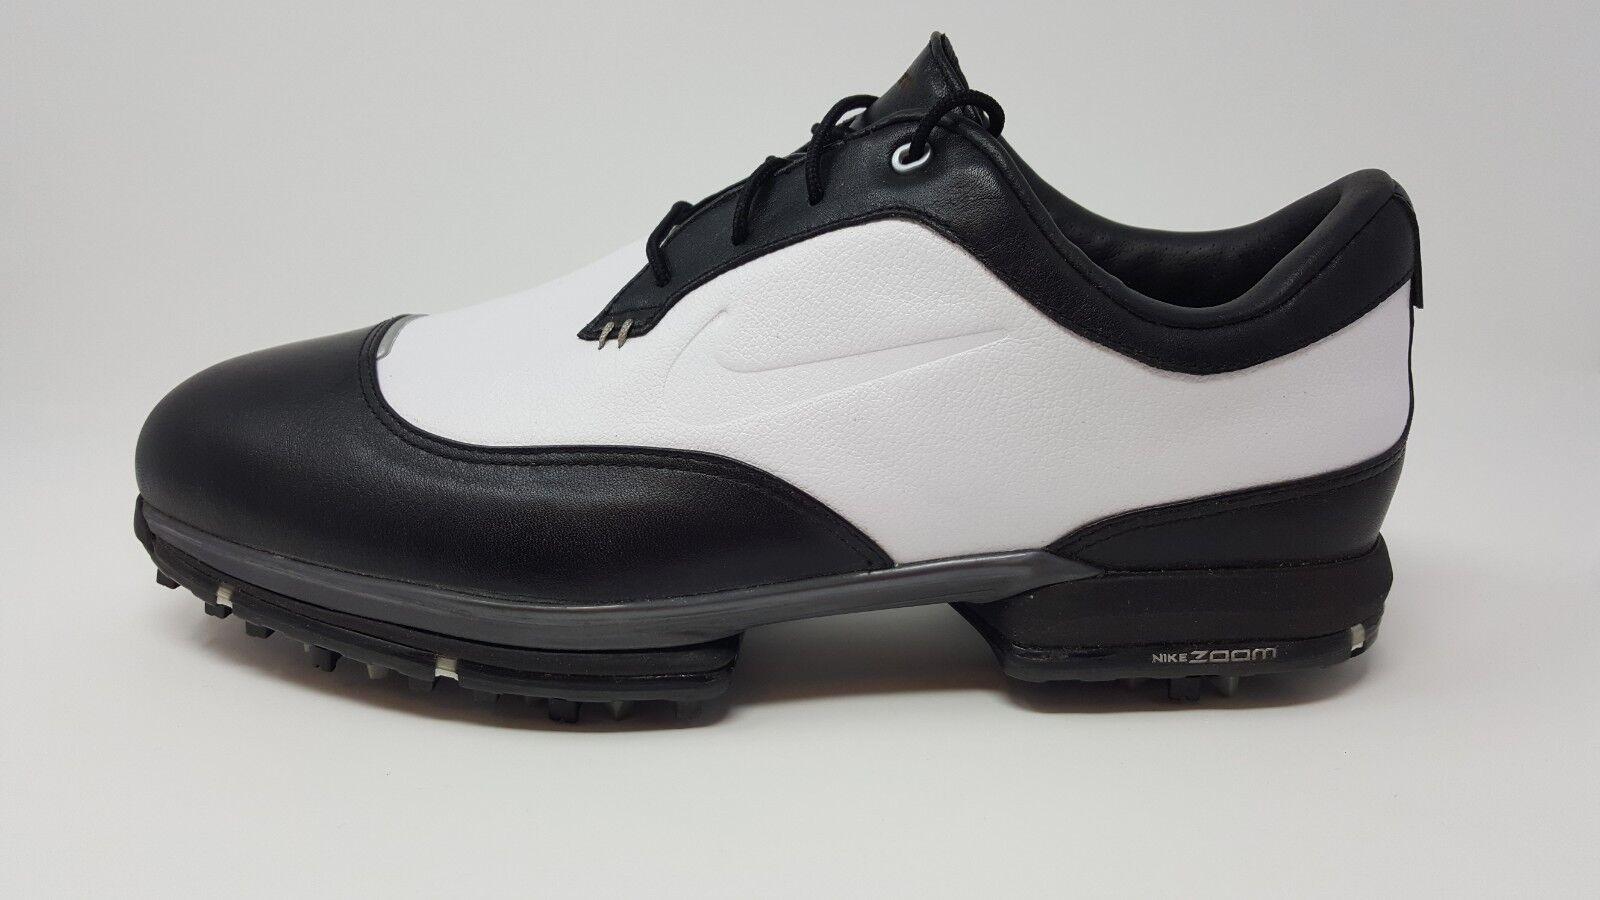 Nike männer - tour premium wasserdichte schuhe in größe 10 483244 große neue 483244 10 100 220 de5afd